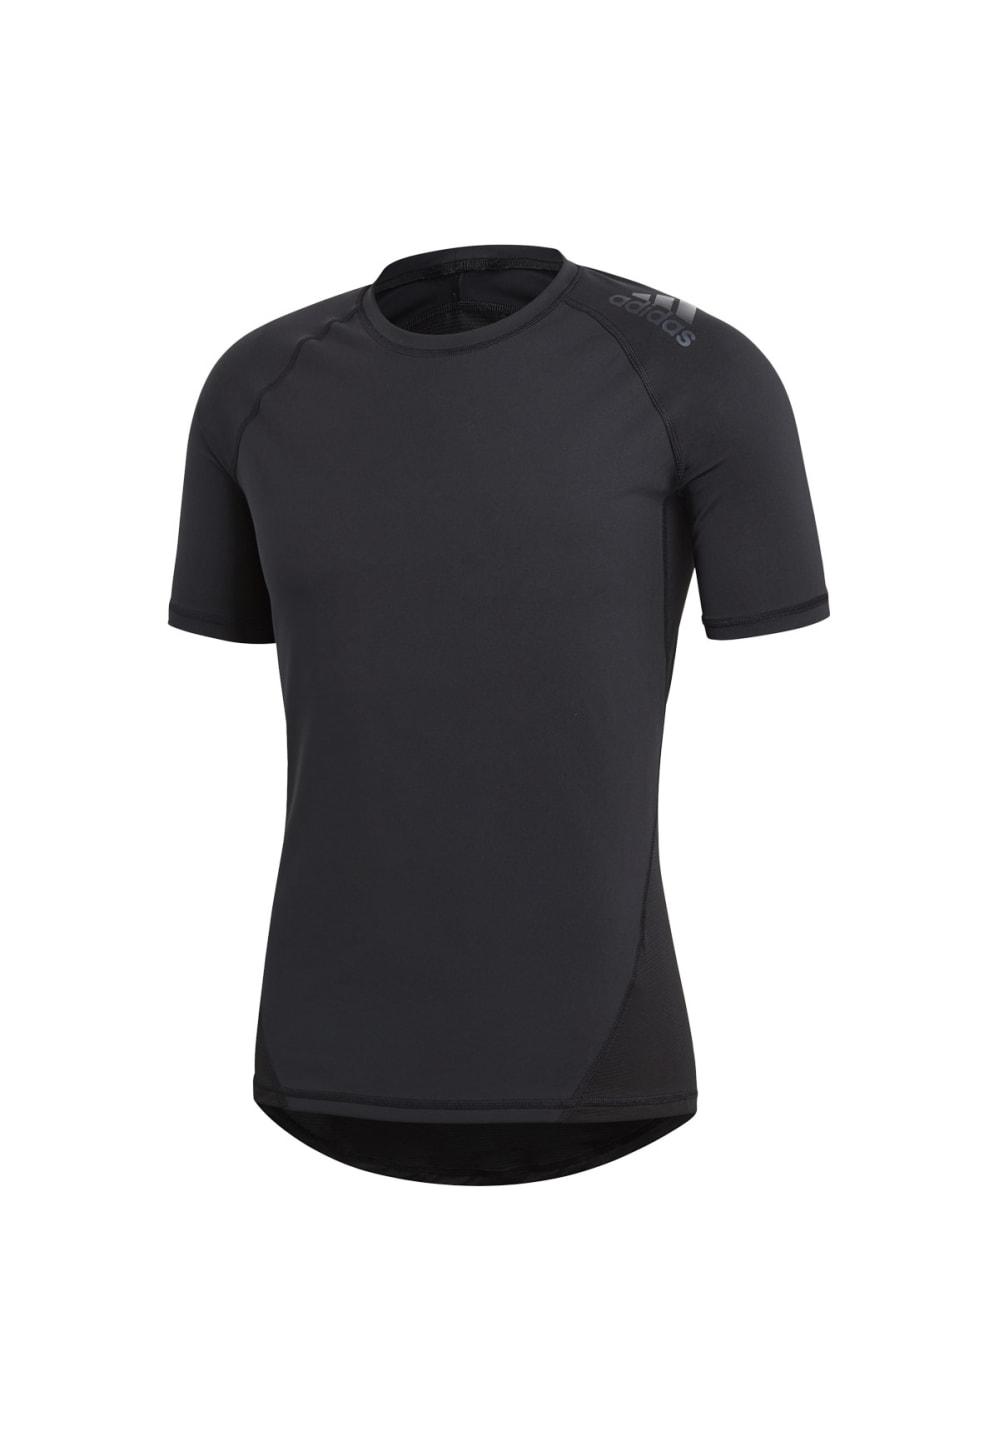 adidas Alphaskin Sprt Tee Short Sleeve - Fitnessshirts für Herren - Schwarz